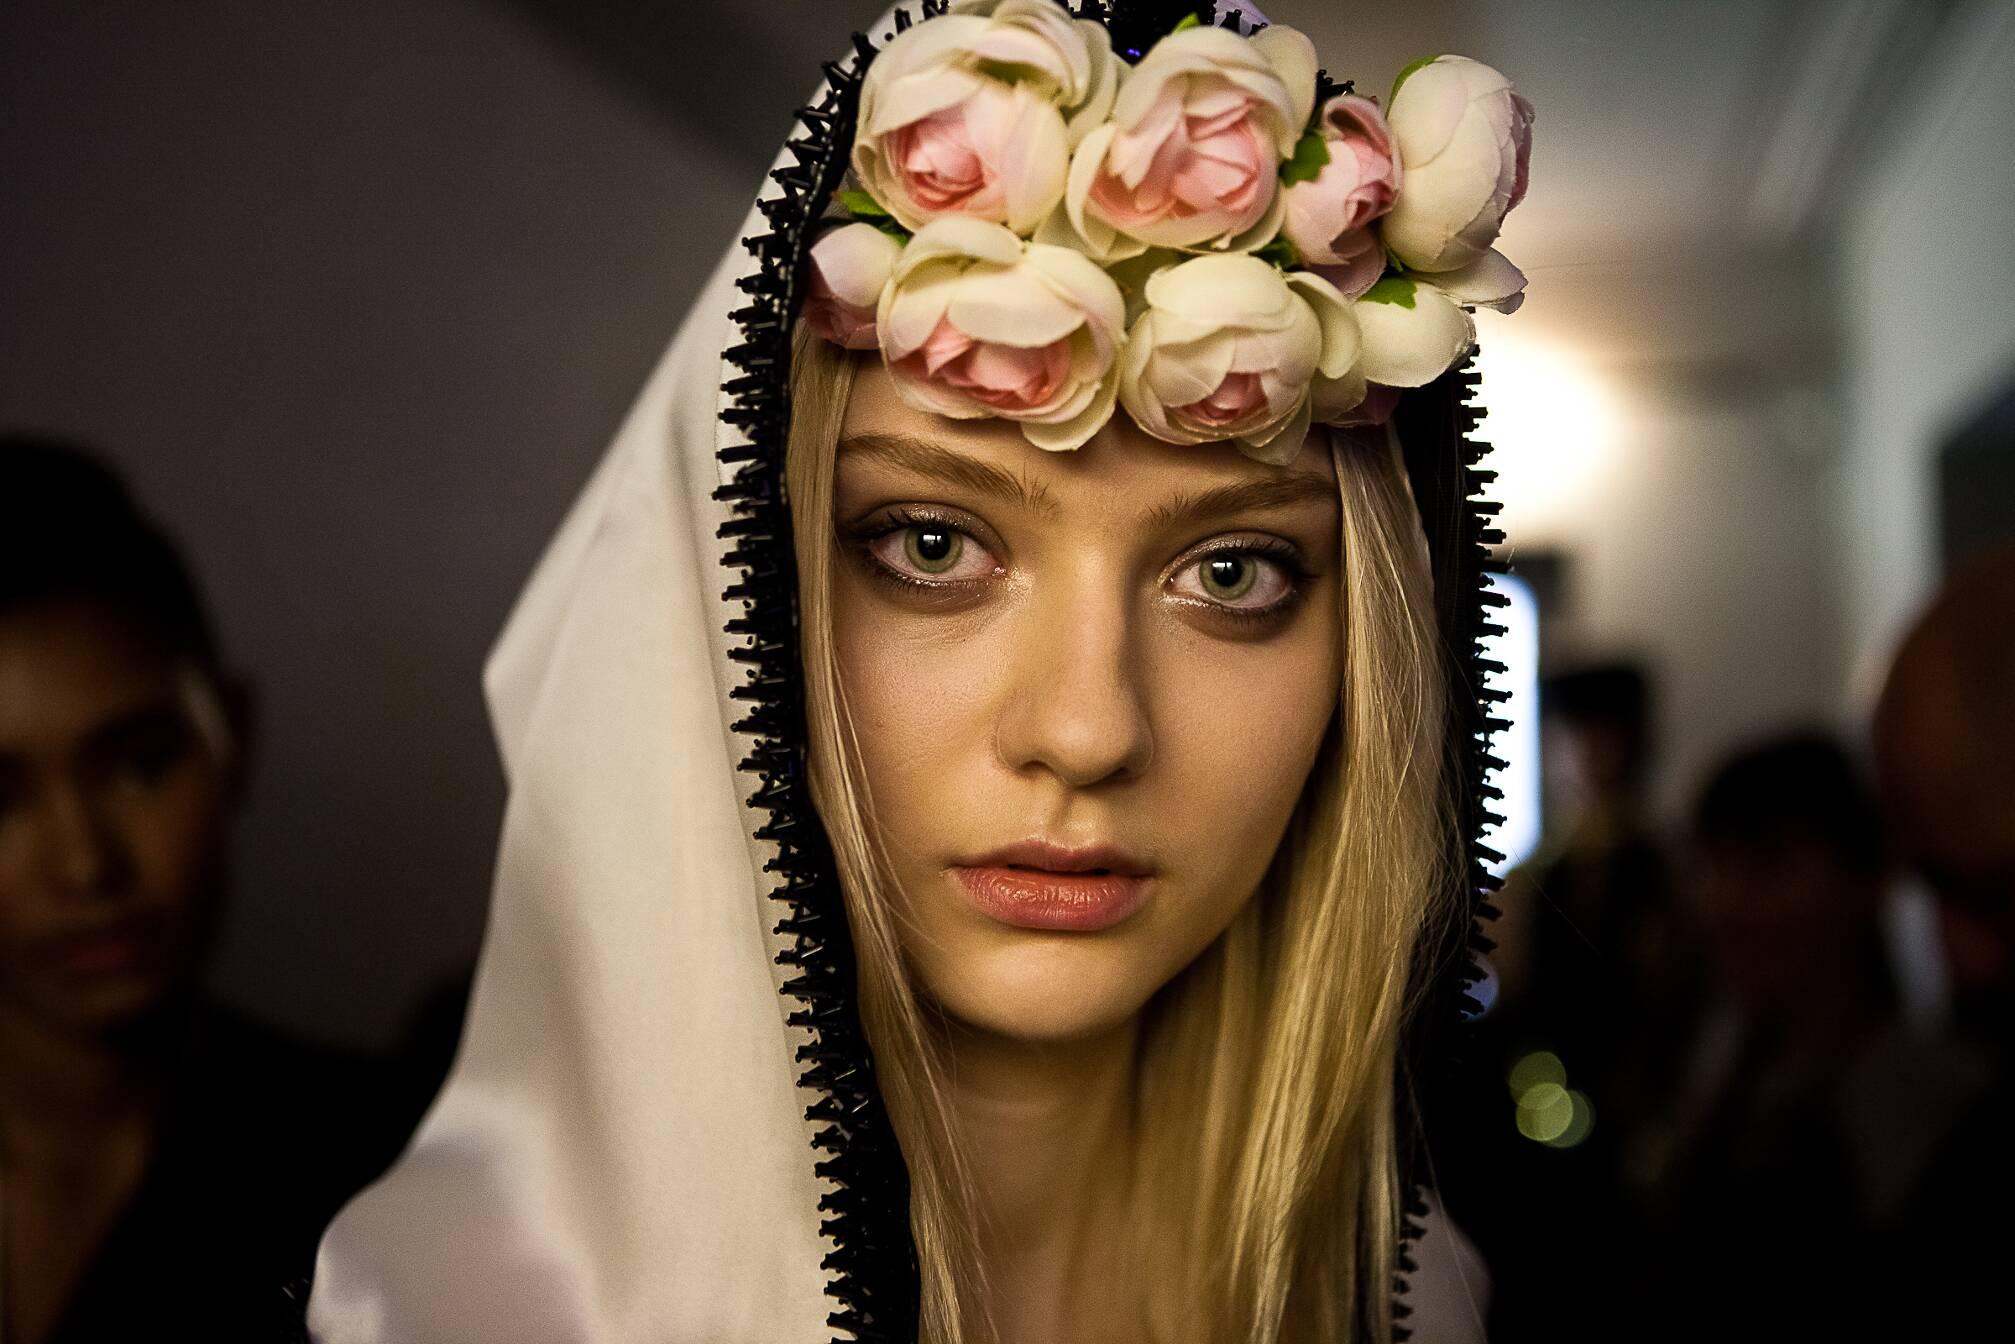 Woman Model Style 2015 Backstage Jean Paul Gaultier Haute Couture Paris